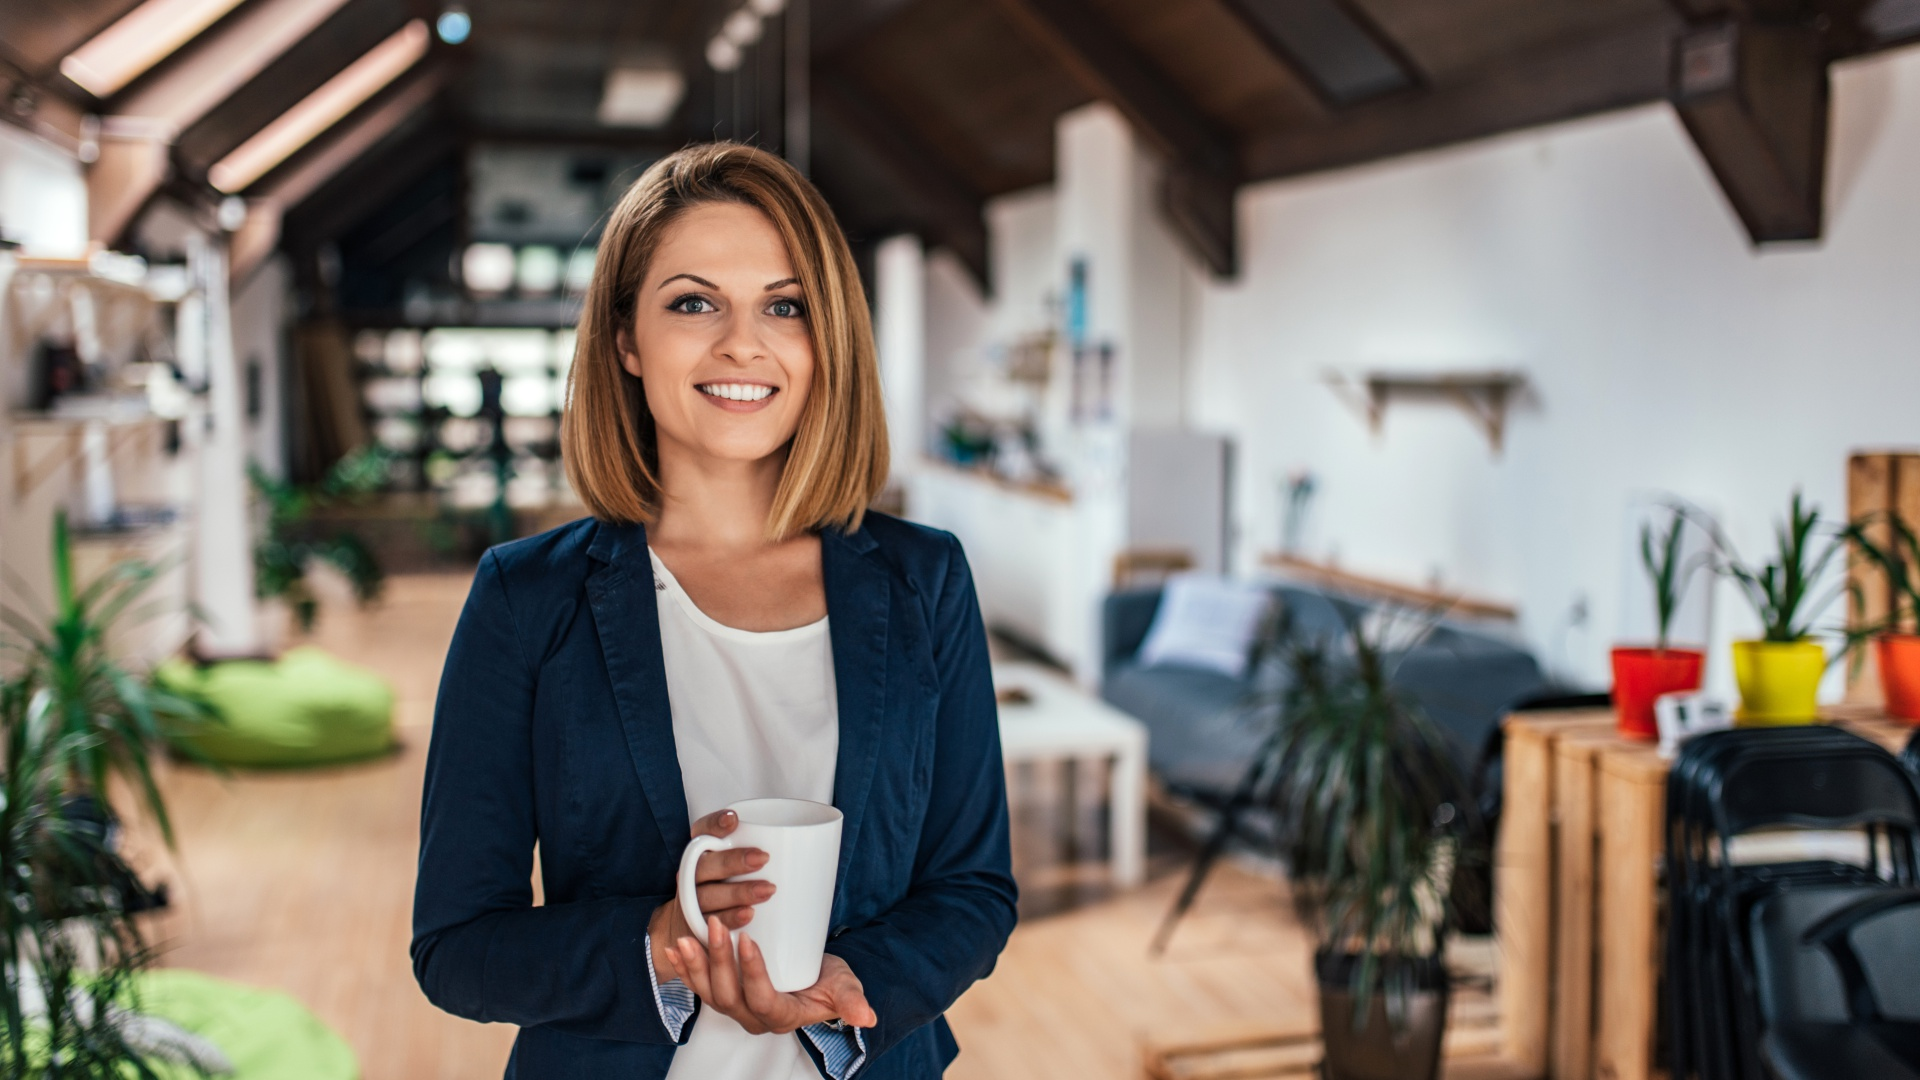 Om antreprenor cauta femeie)